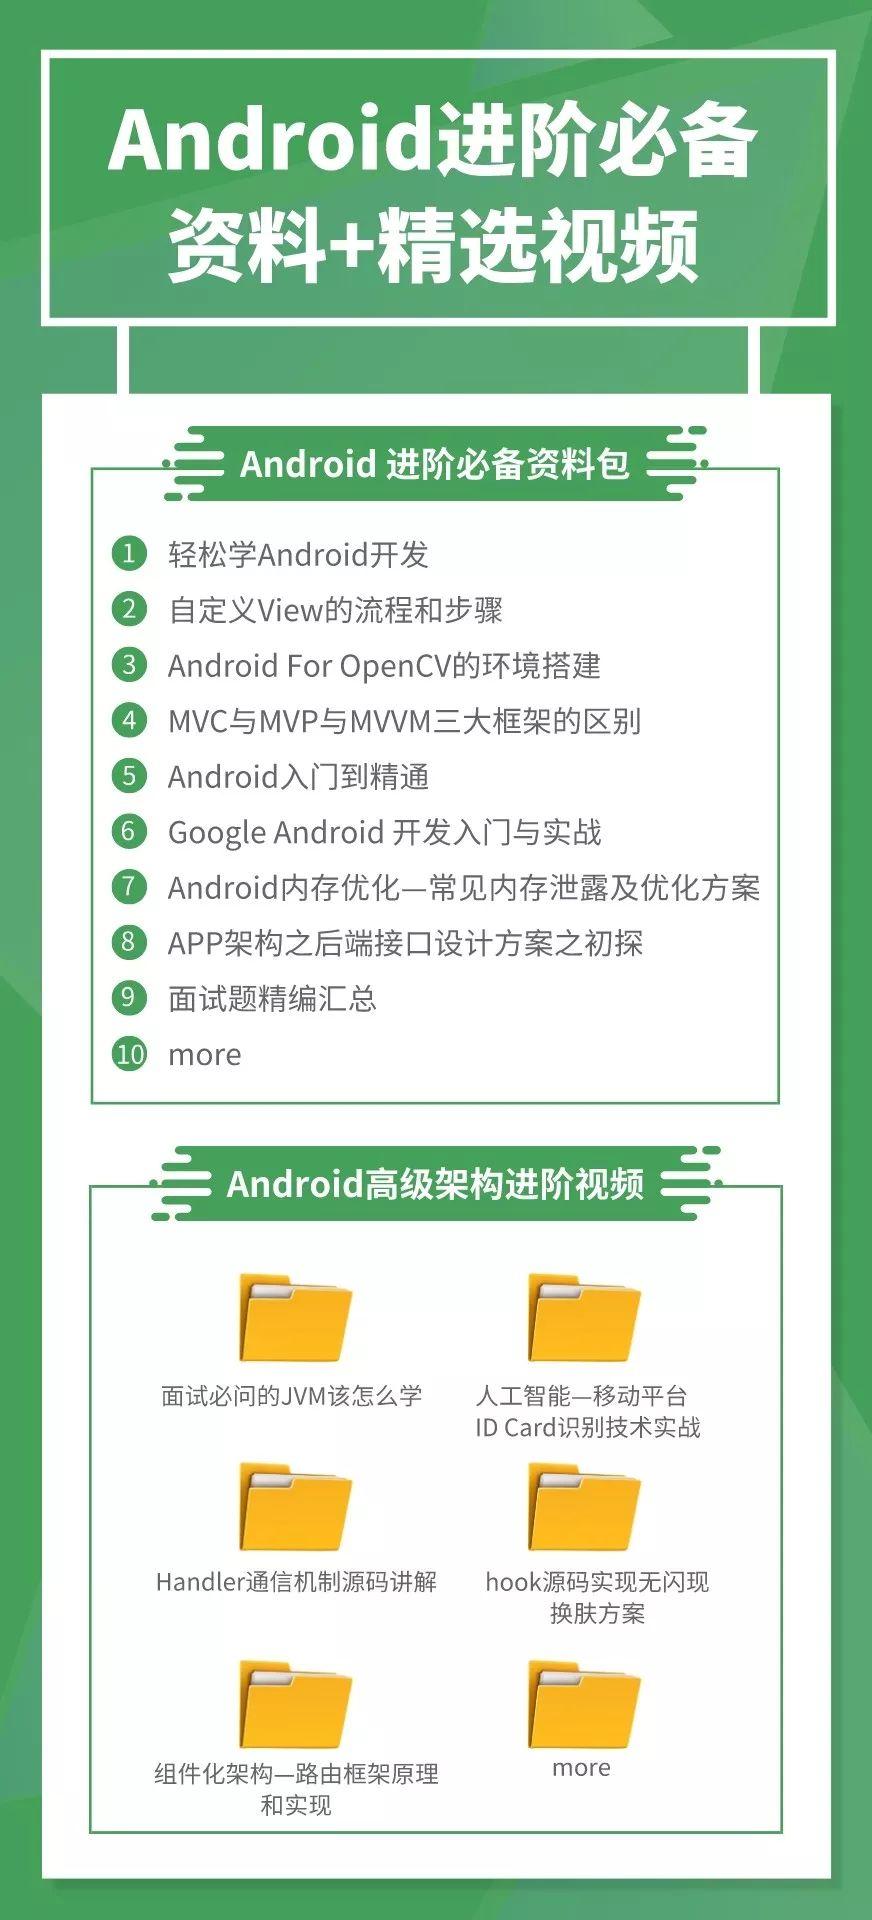 Android进阶必备资料+精选视频